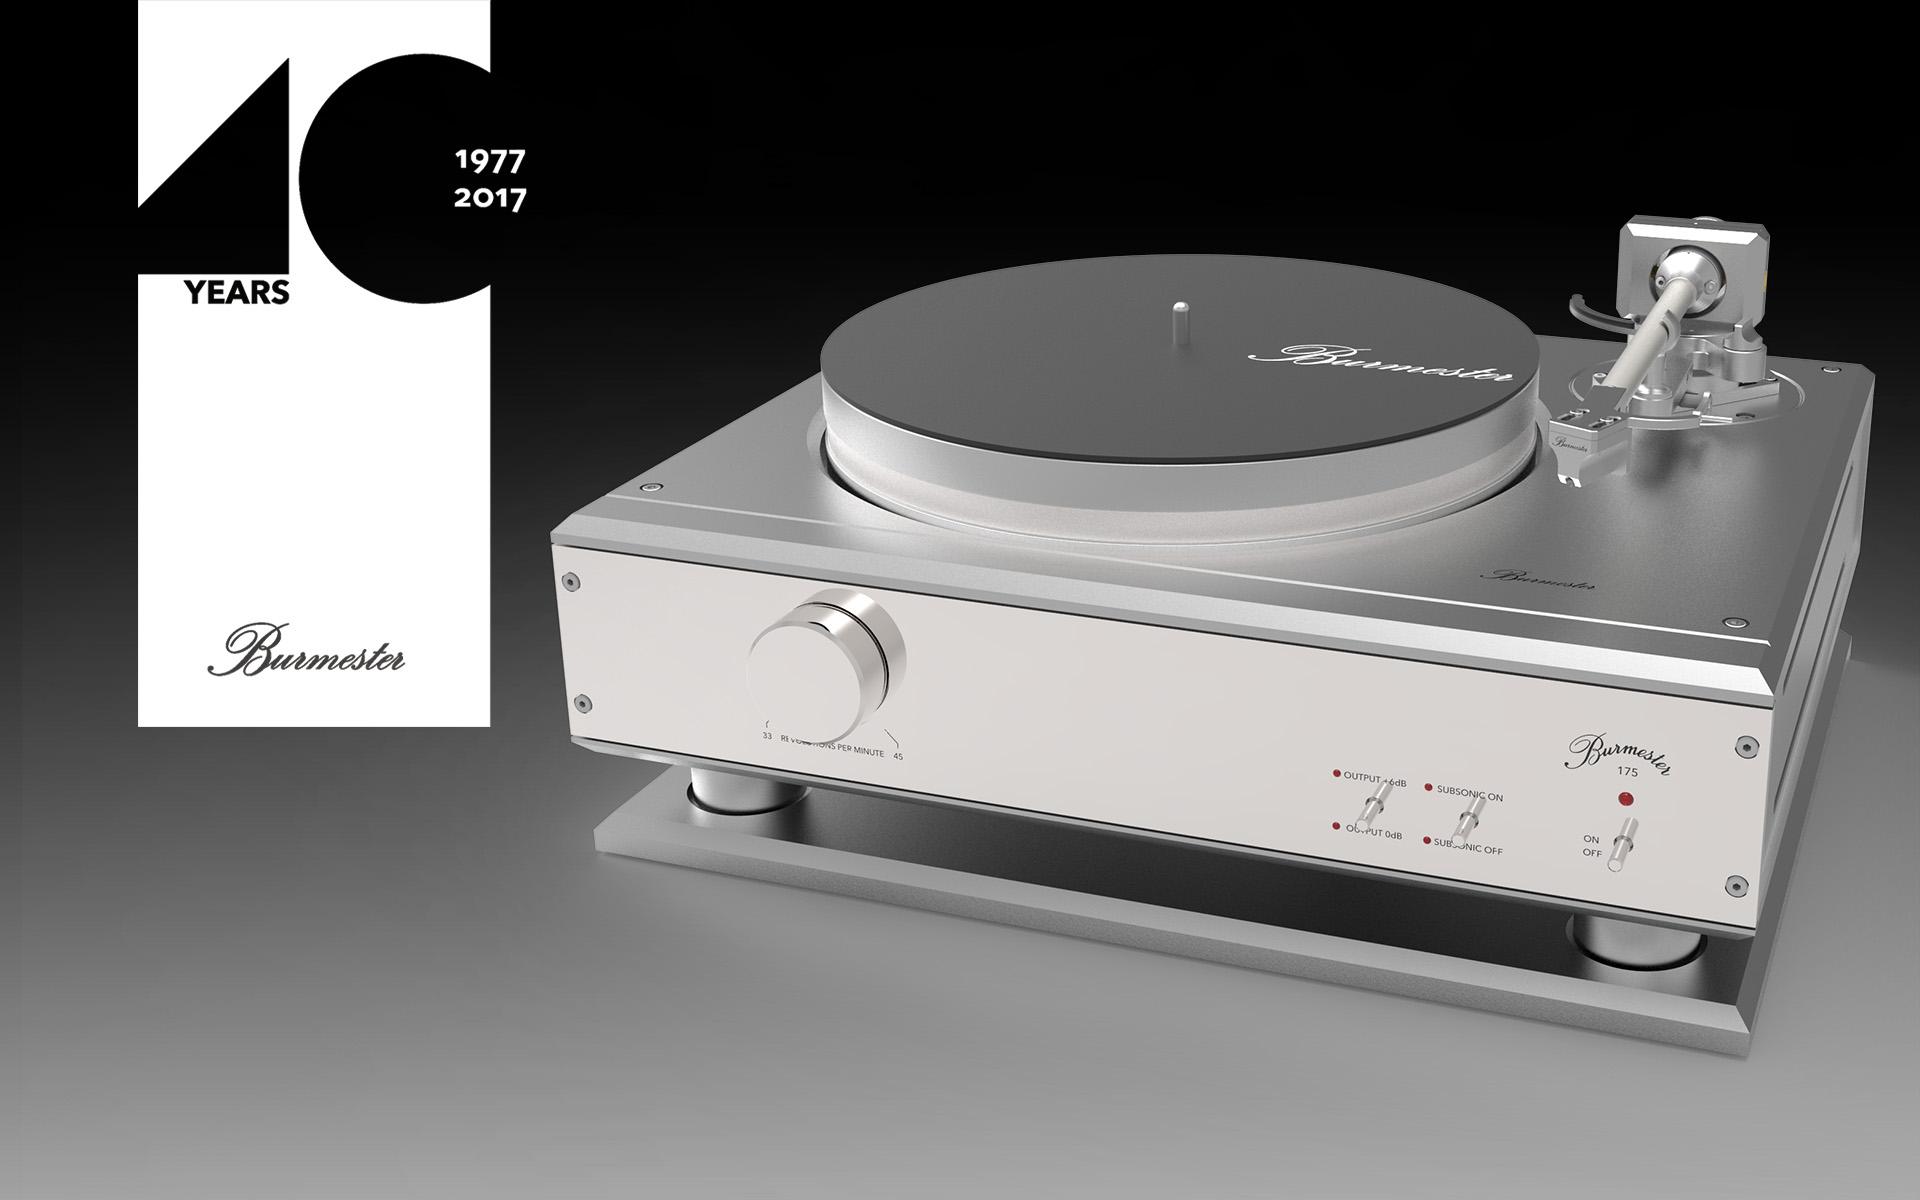 Проигрыватель виниловых дисков Burmester 175